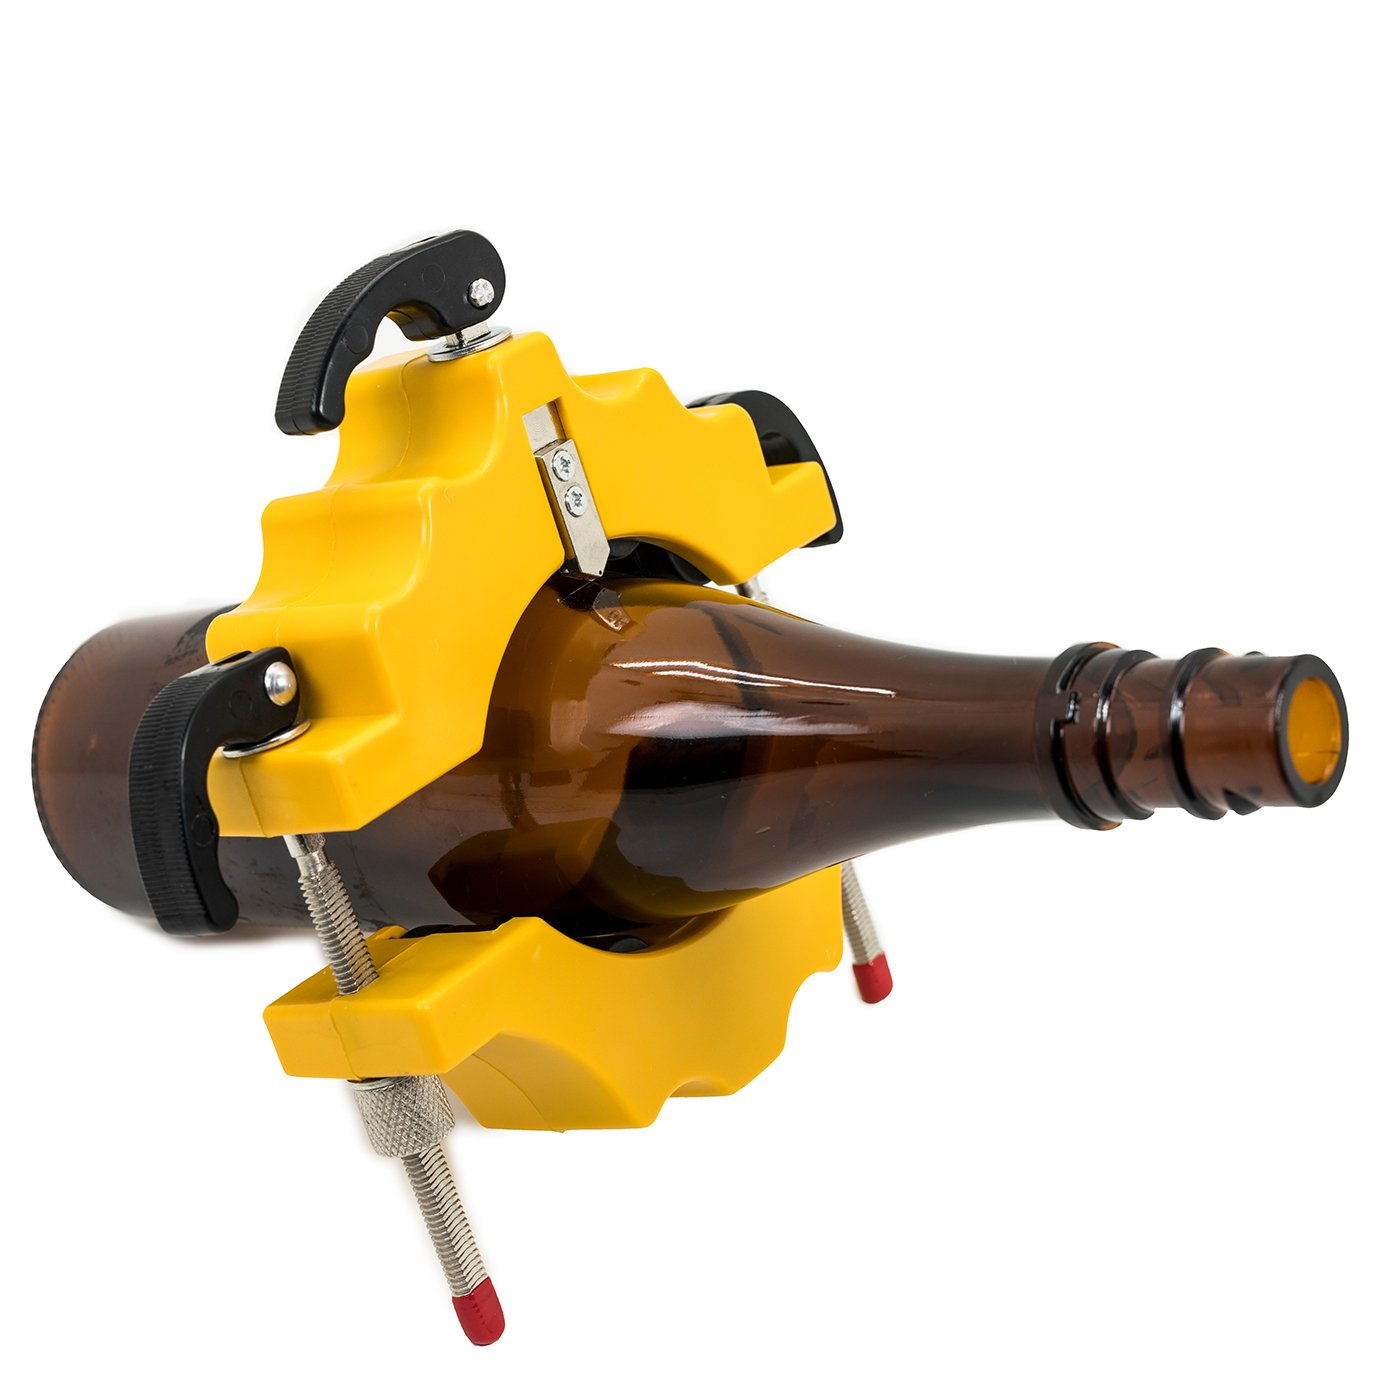 Jaybva Taglierina per bottiglie in vetro, vincitrice del premio Etchor Tool 2018, colore giallo